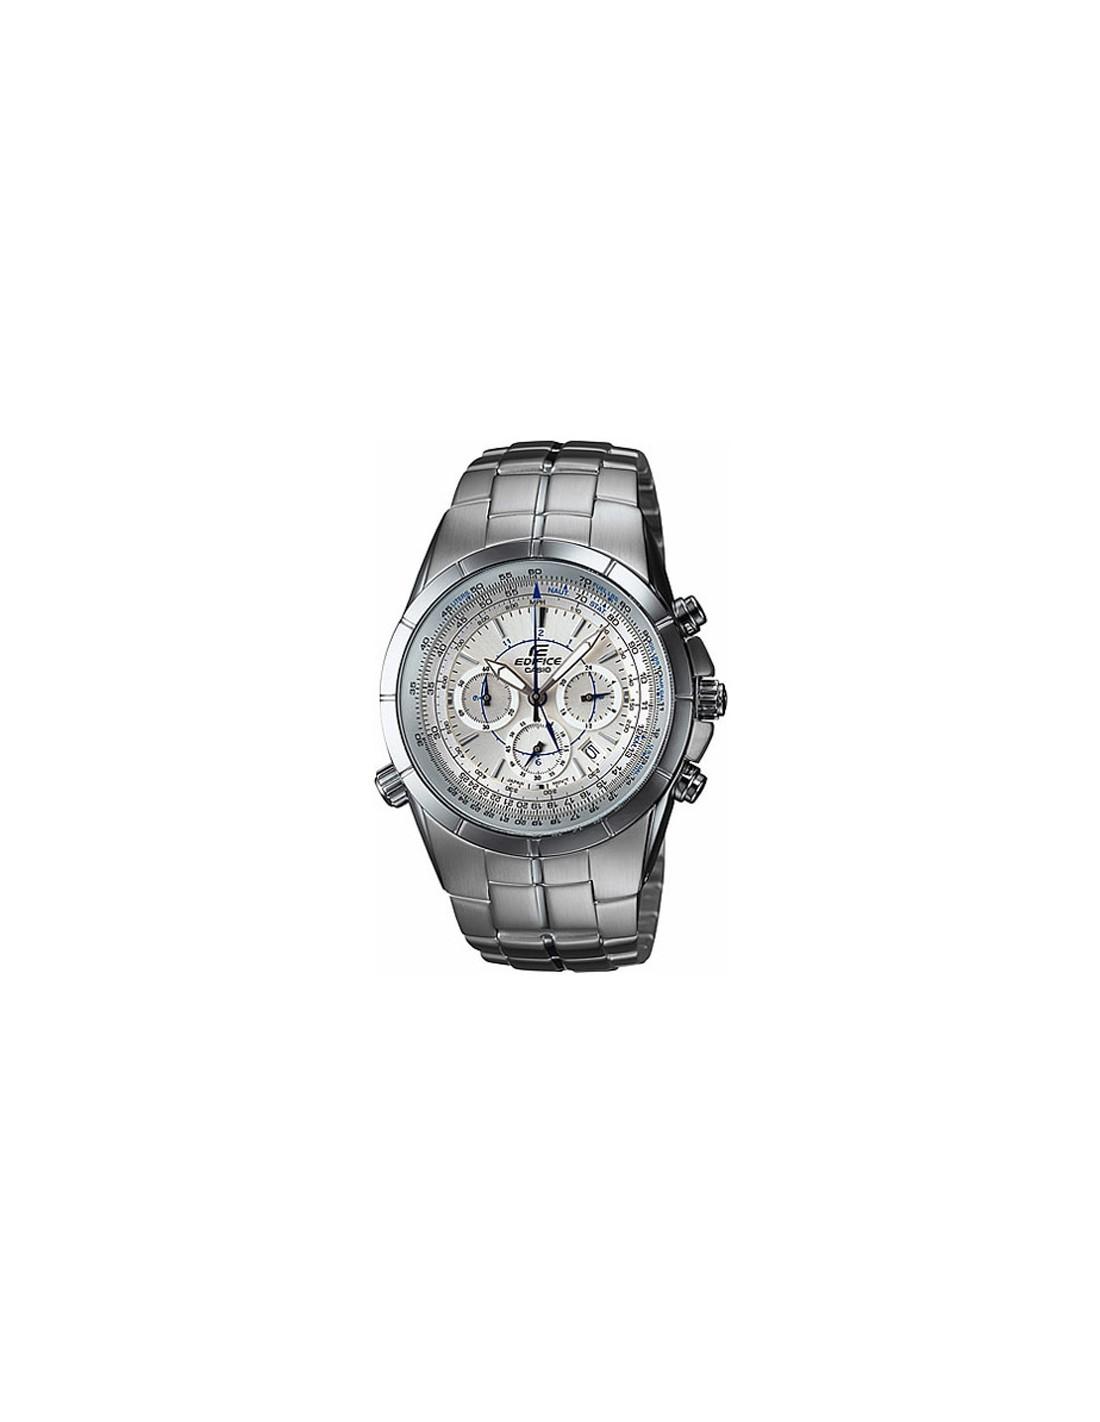 8337f86790fb Reloj Casio Edifice EF-518D-7AVDF